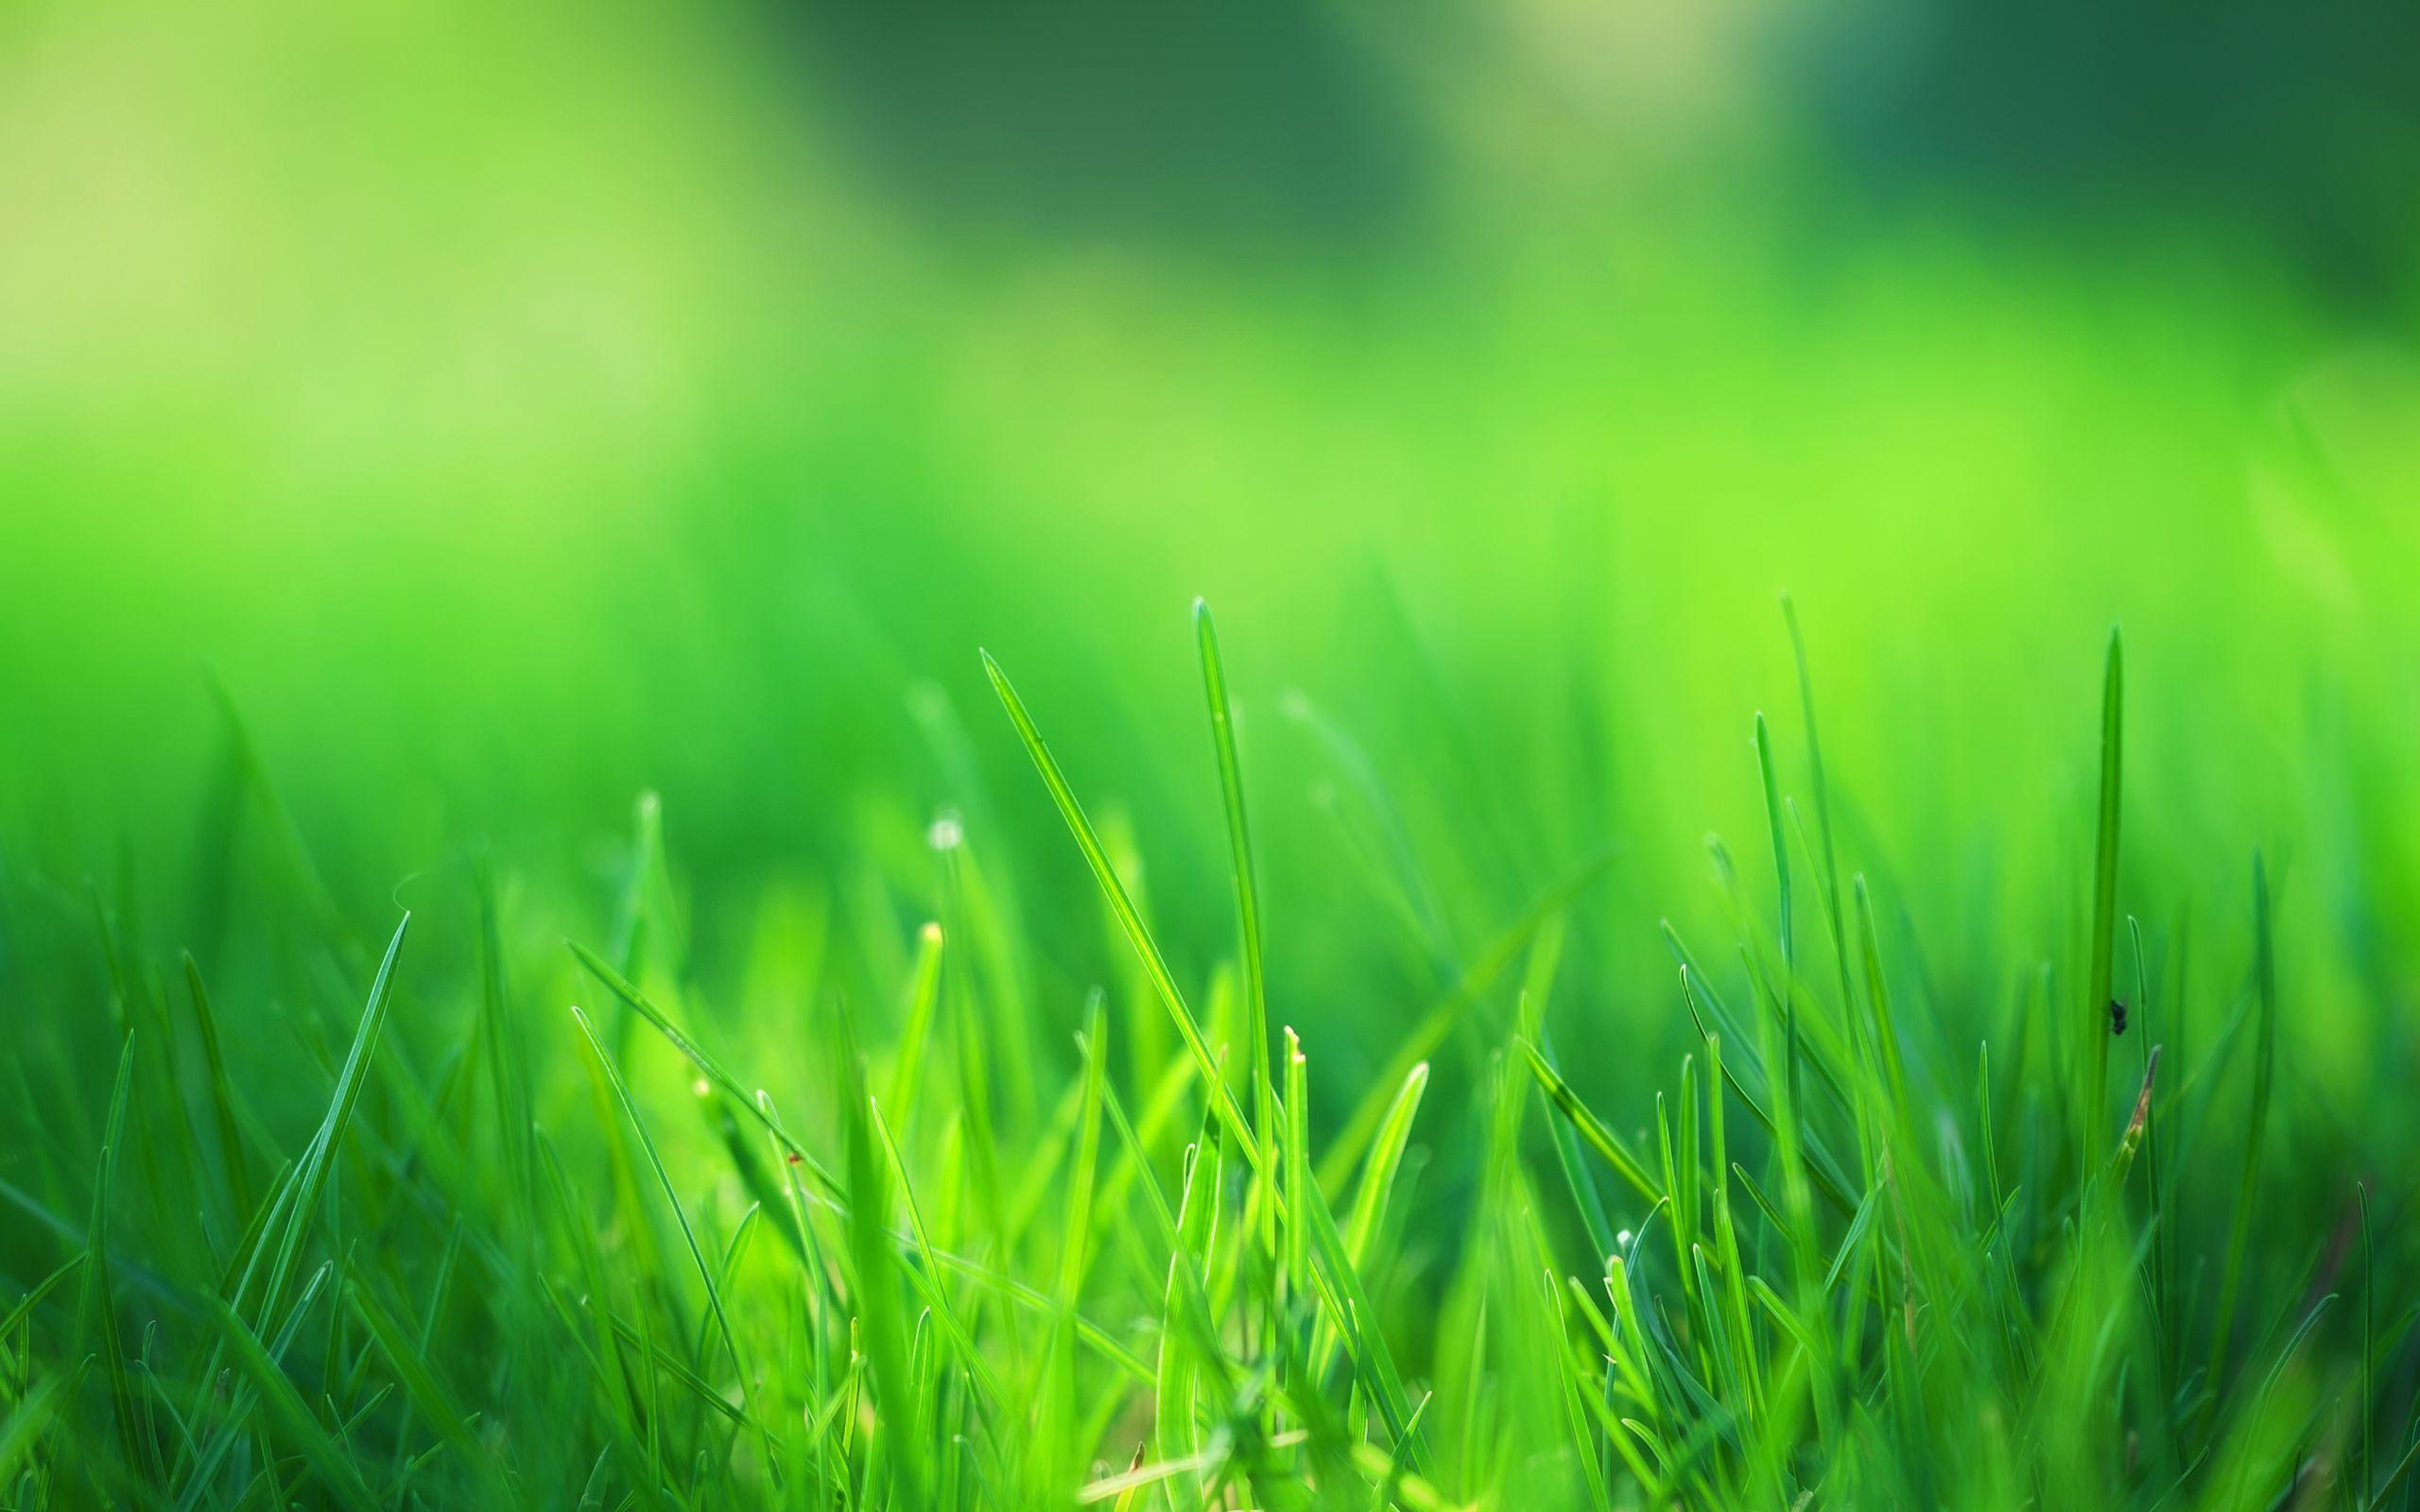 Green Grass Wallpapers Top Free Green Grass Backgrounds Wallpaperaccess